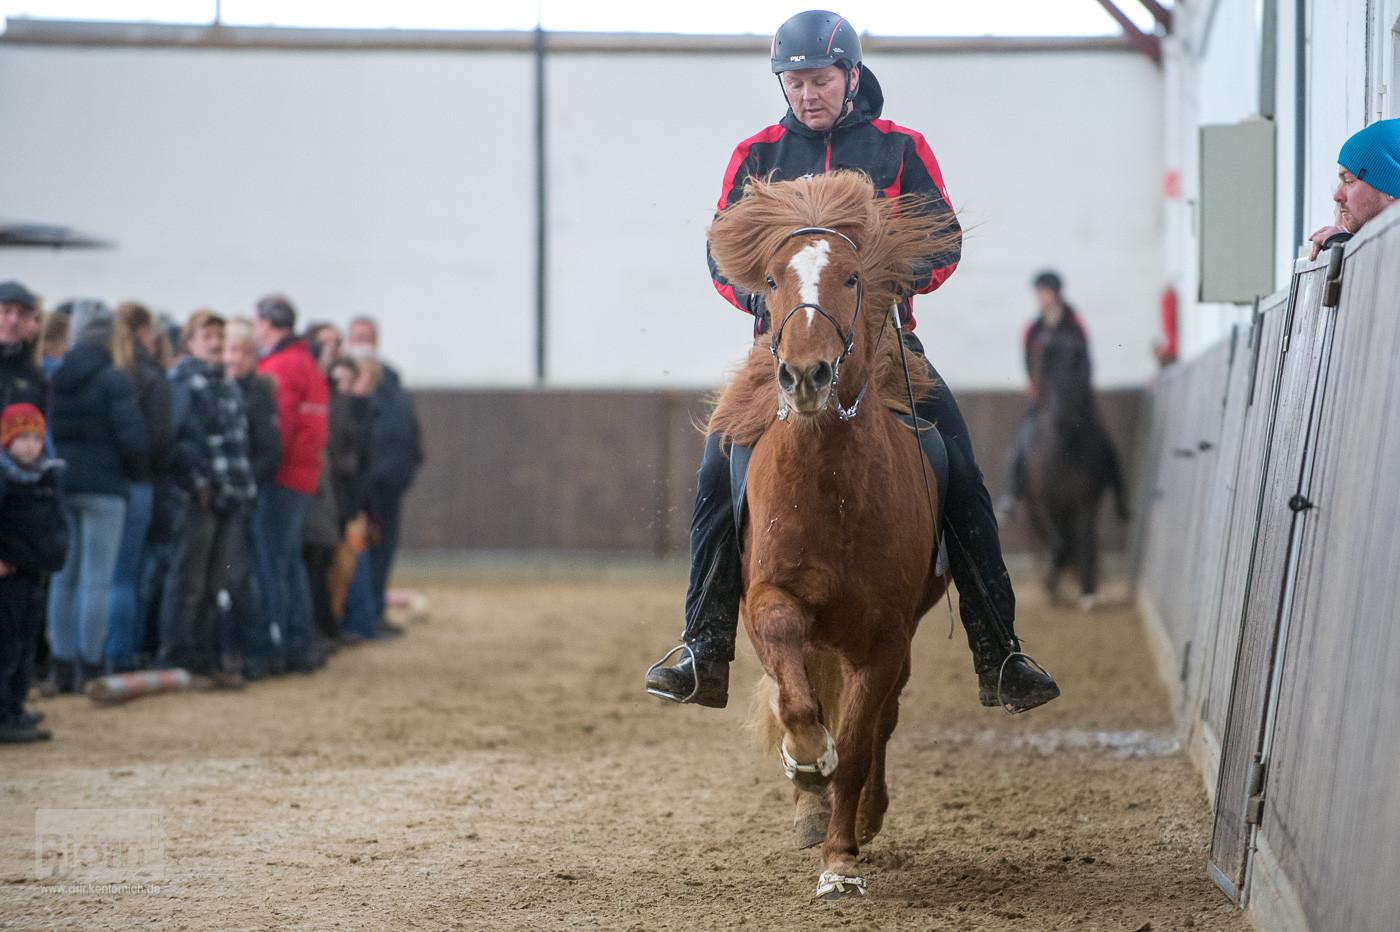 Stymmi auf Naskur von Federath (Verkaufspferd)